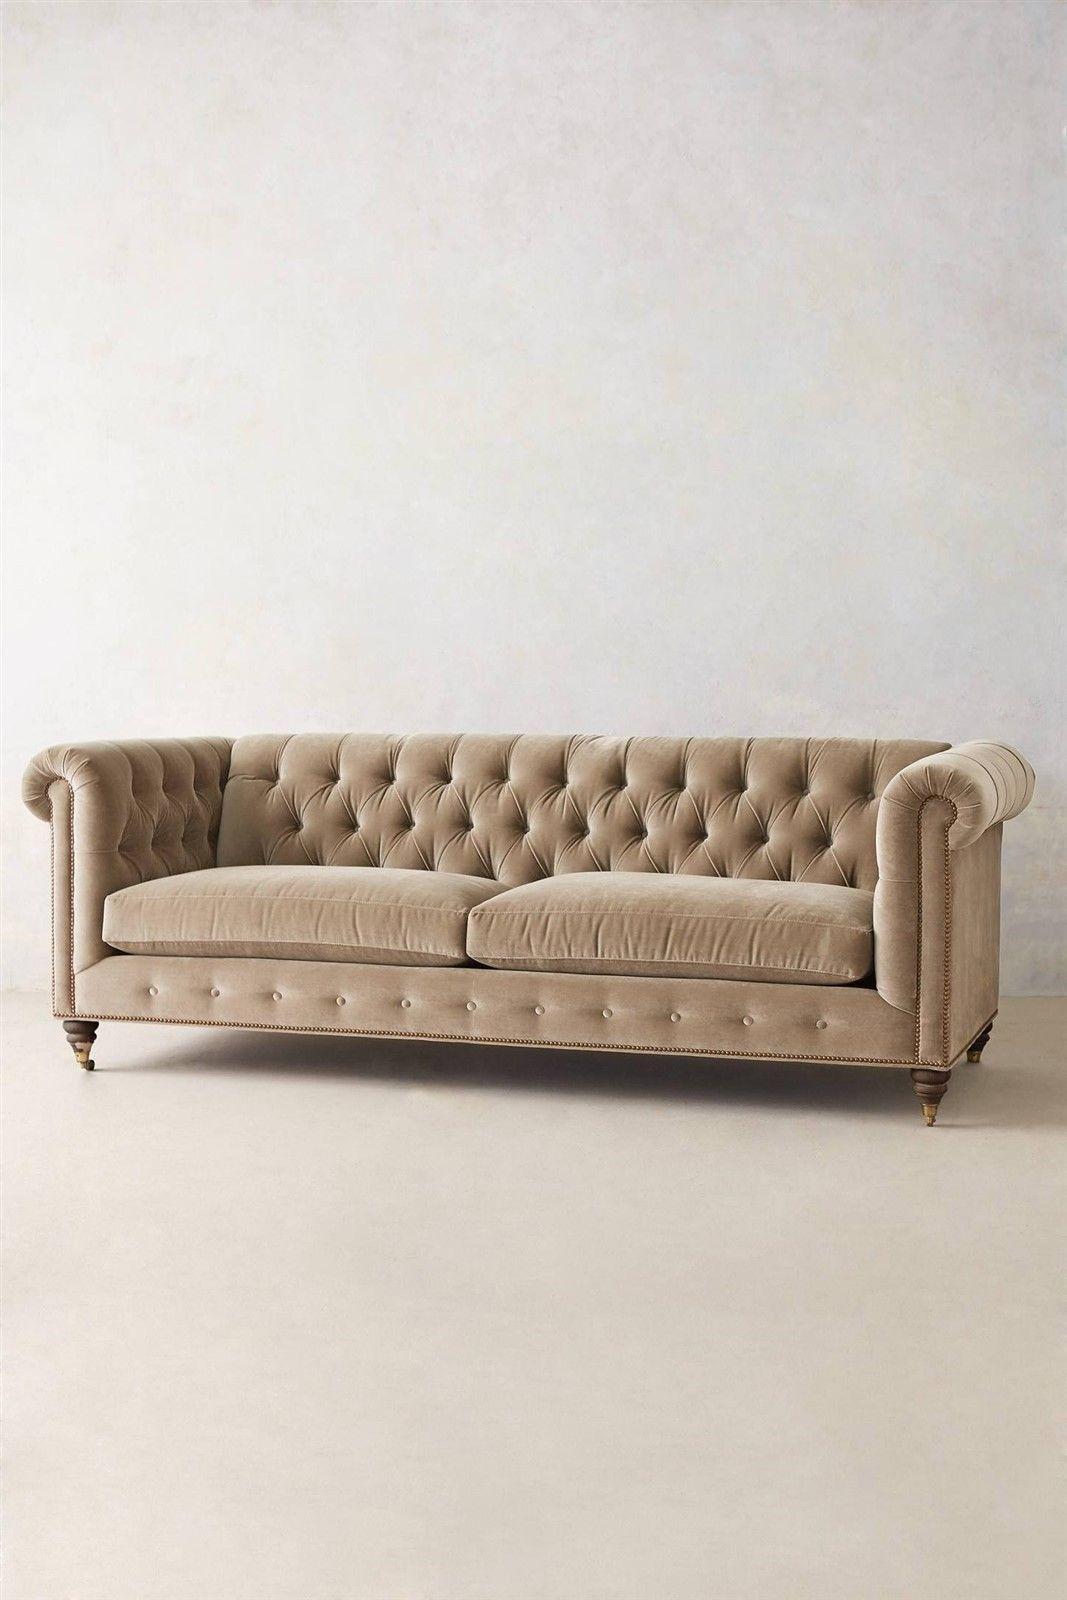 An Oversize Chesterfield Sofa Upholstered In Beige Colored Velvet